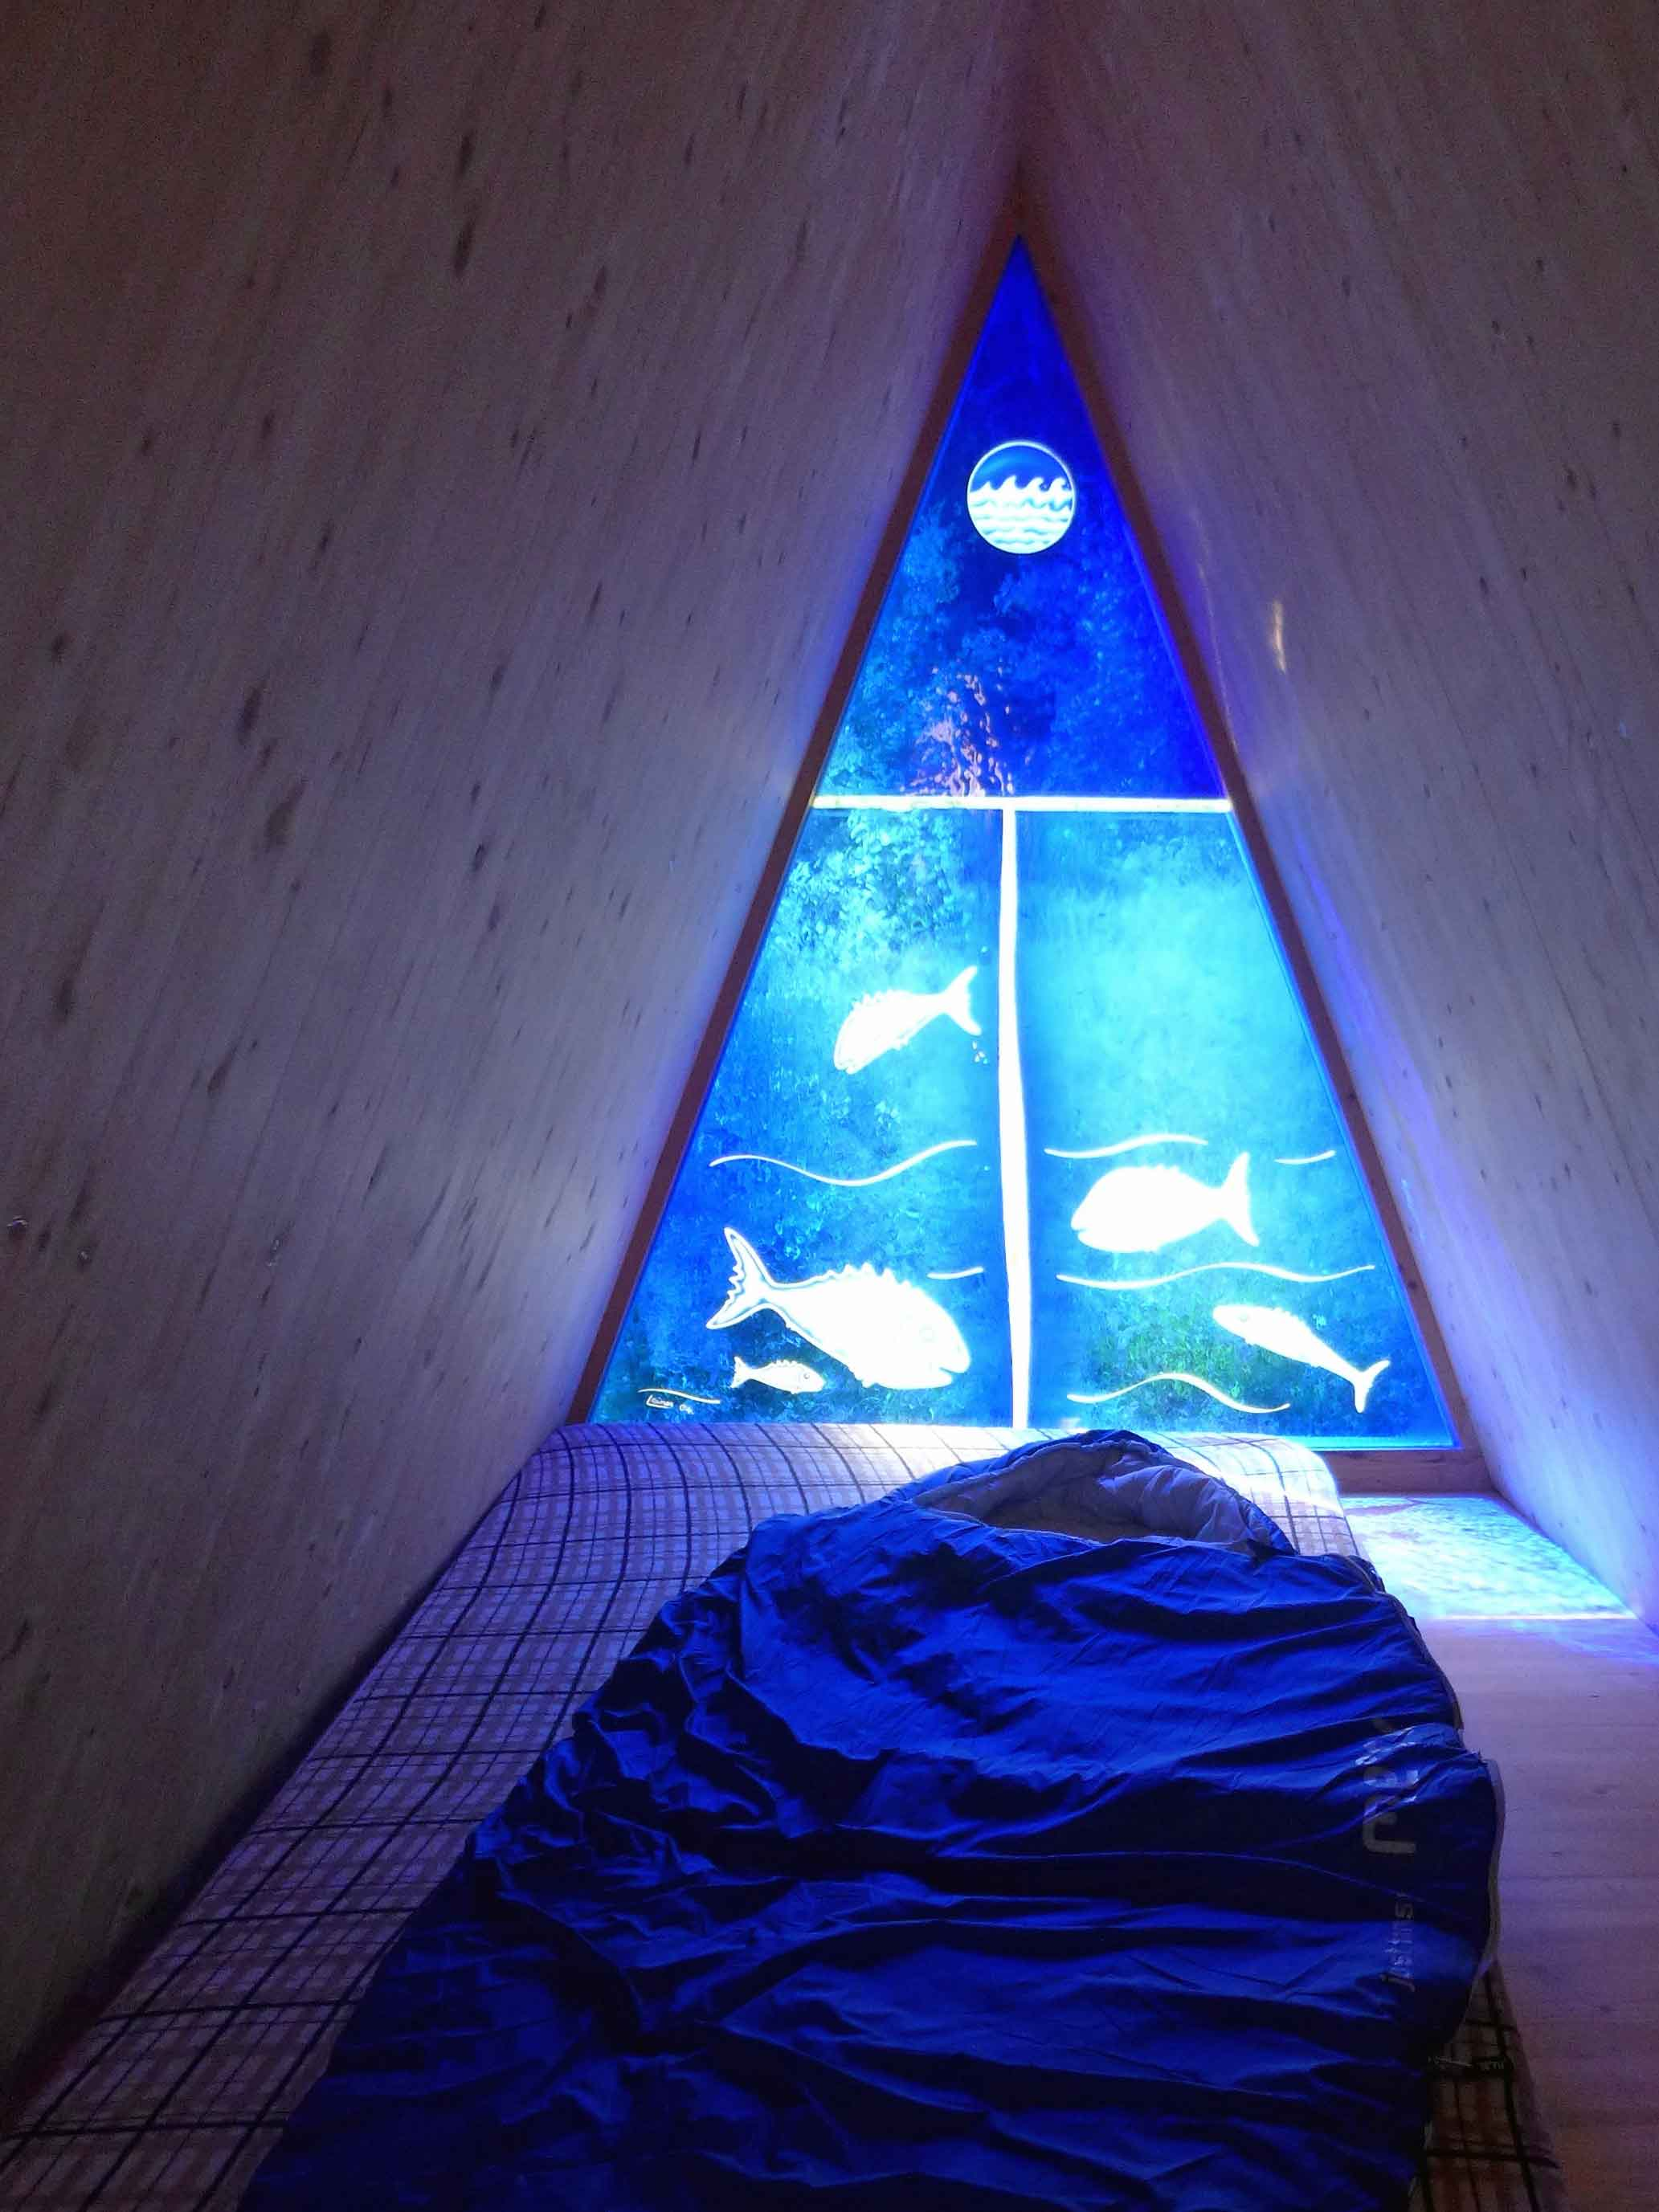 Ein blaues, dreieckiges Fenster mit Fischen